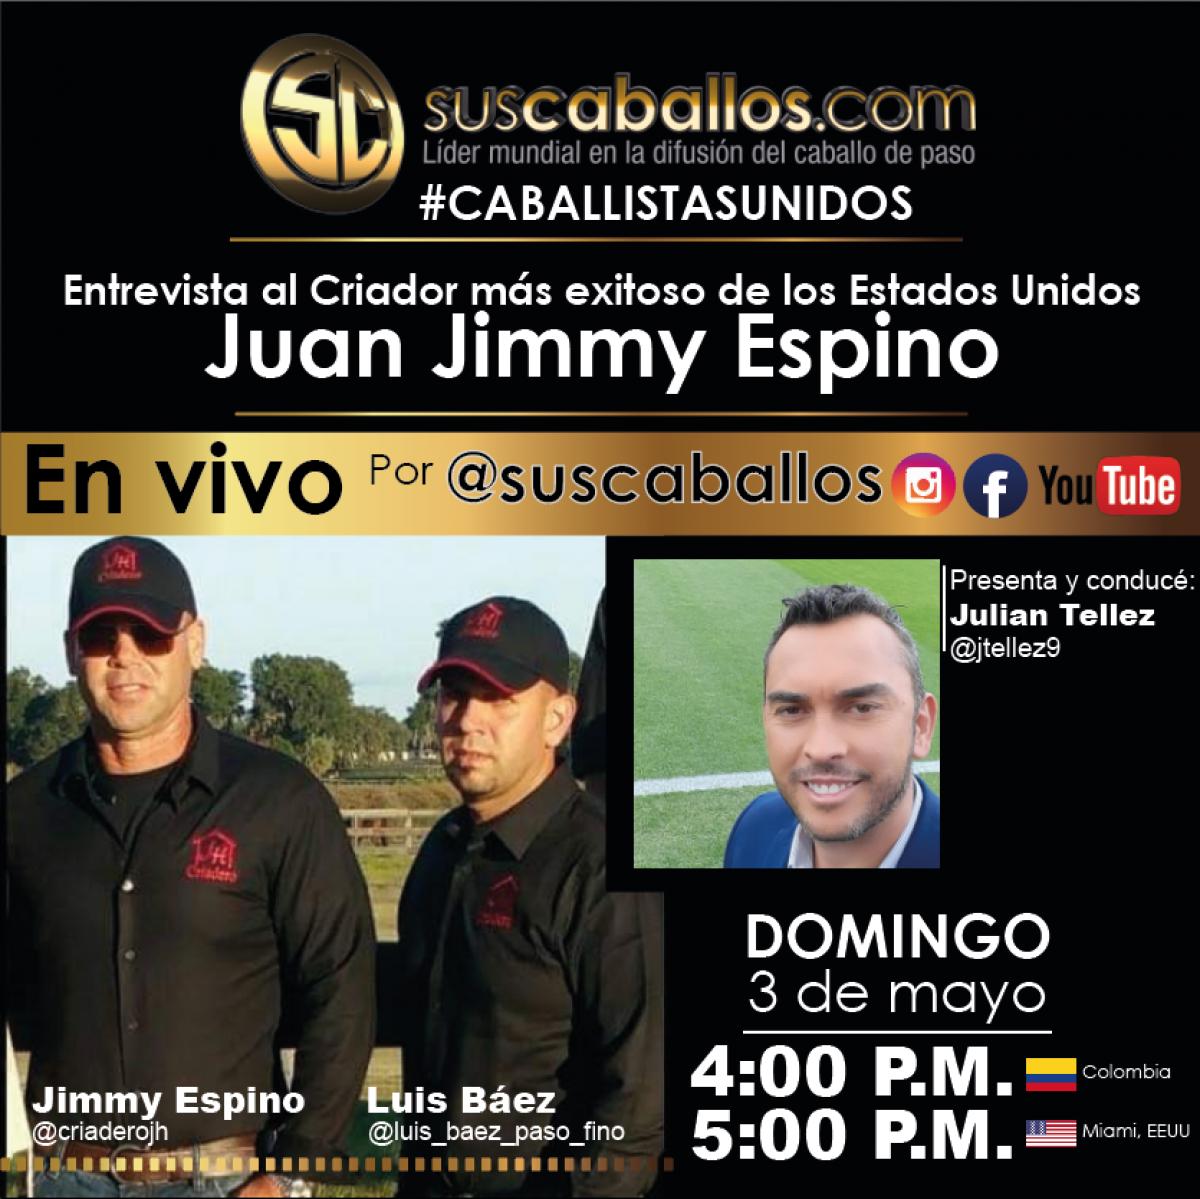 Entrevista al criador más exitoso de los EEUU, Jimmy Espino